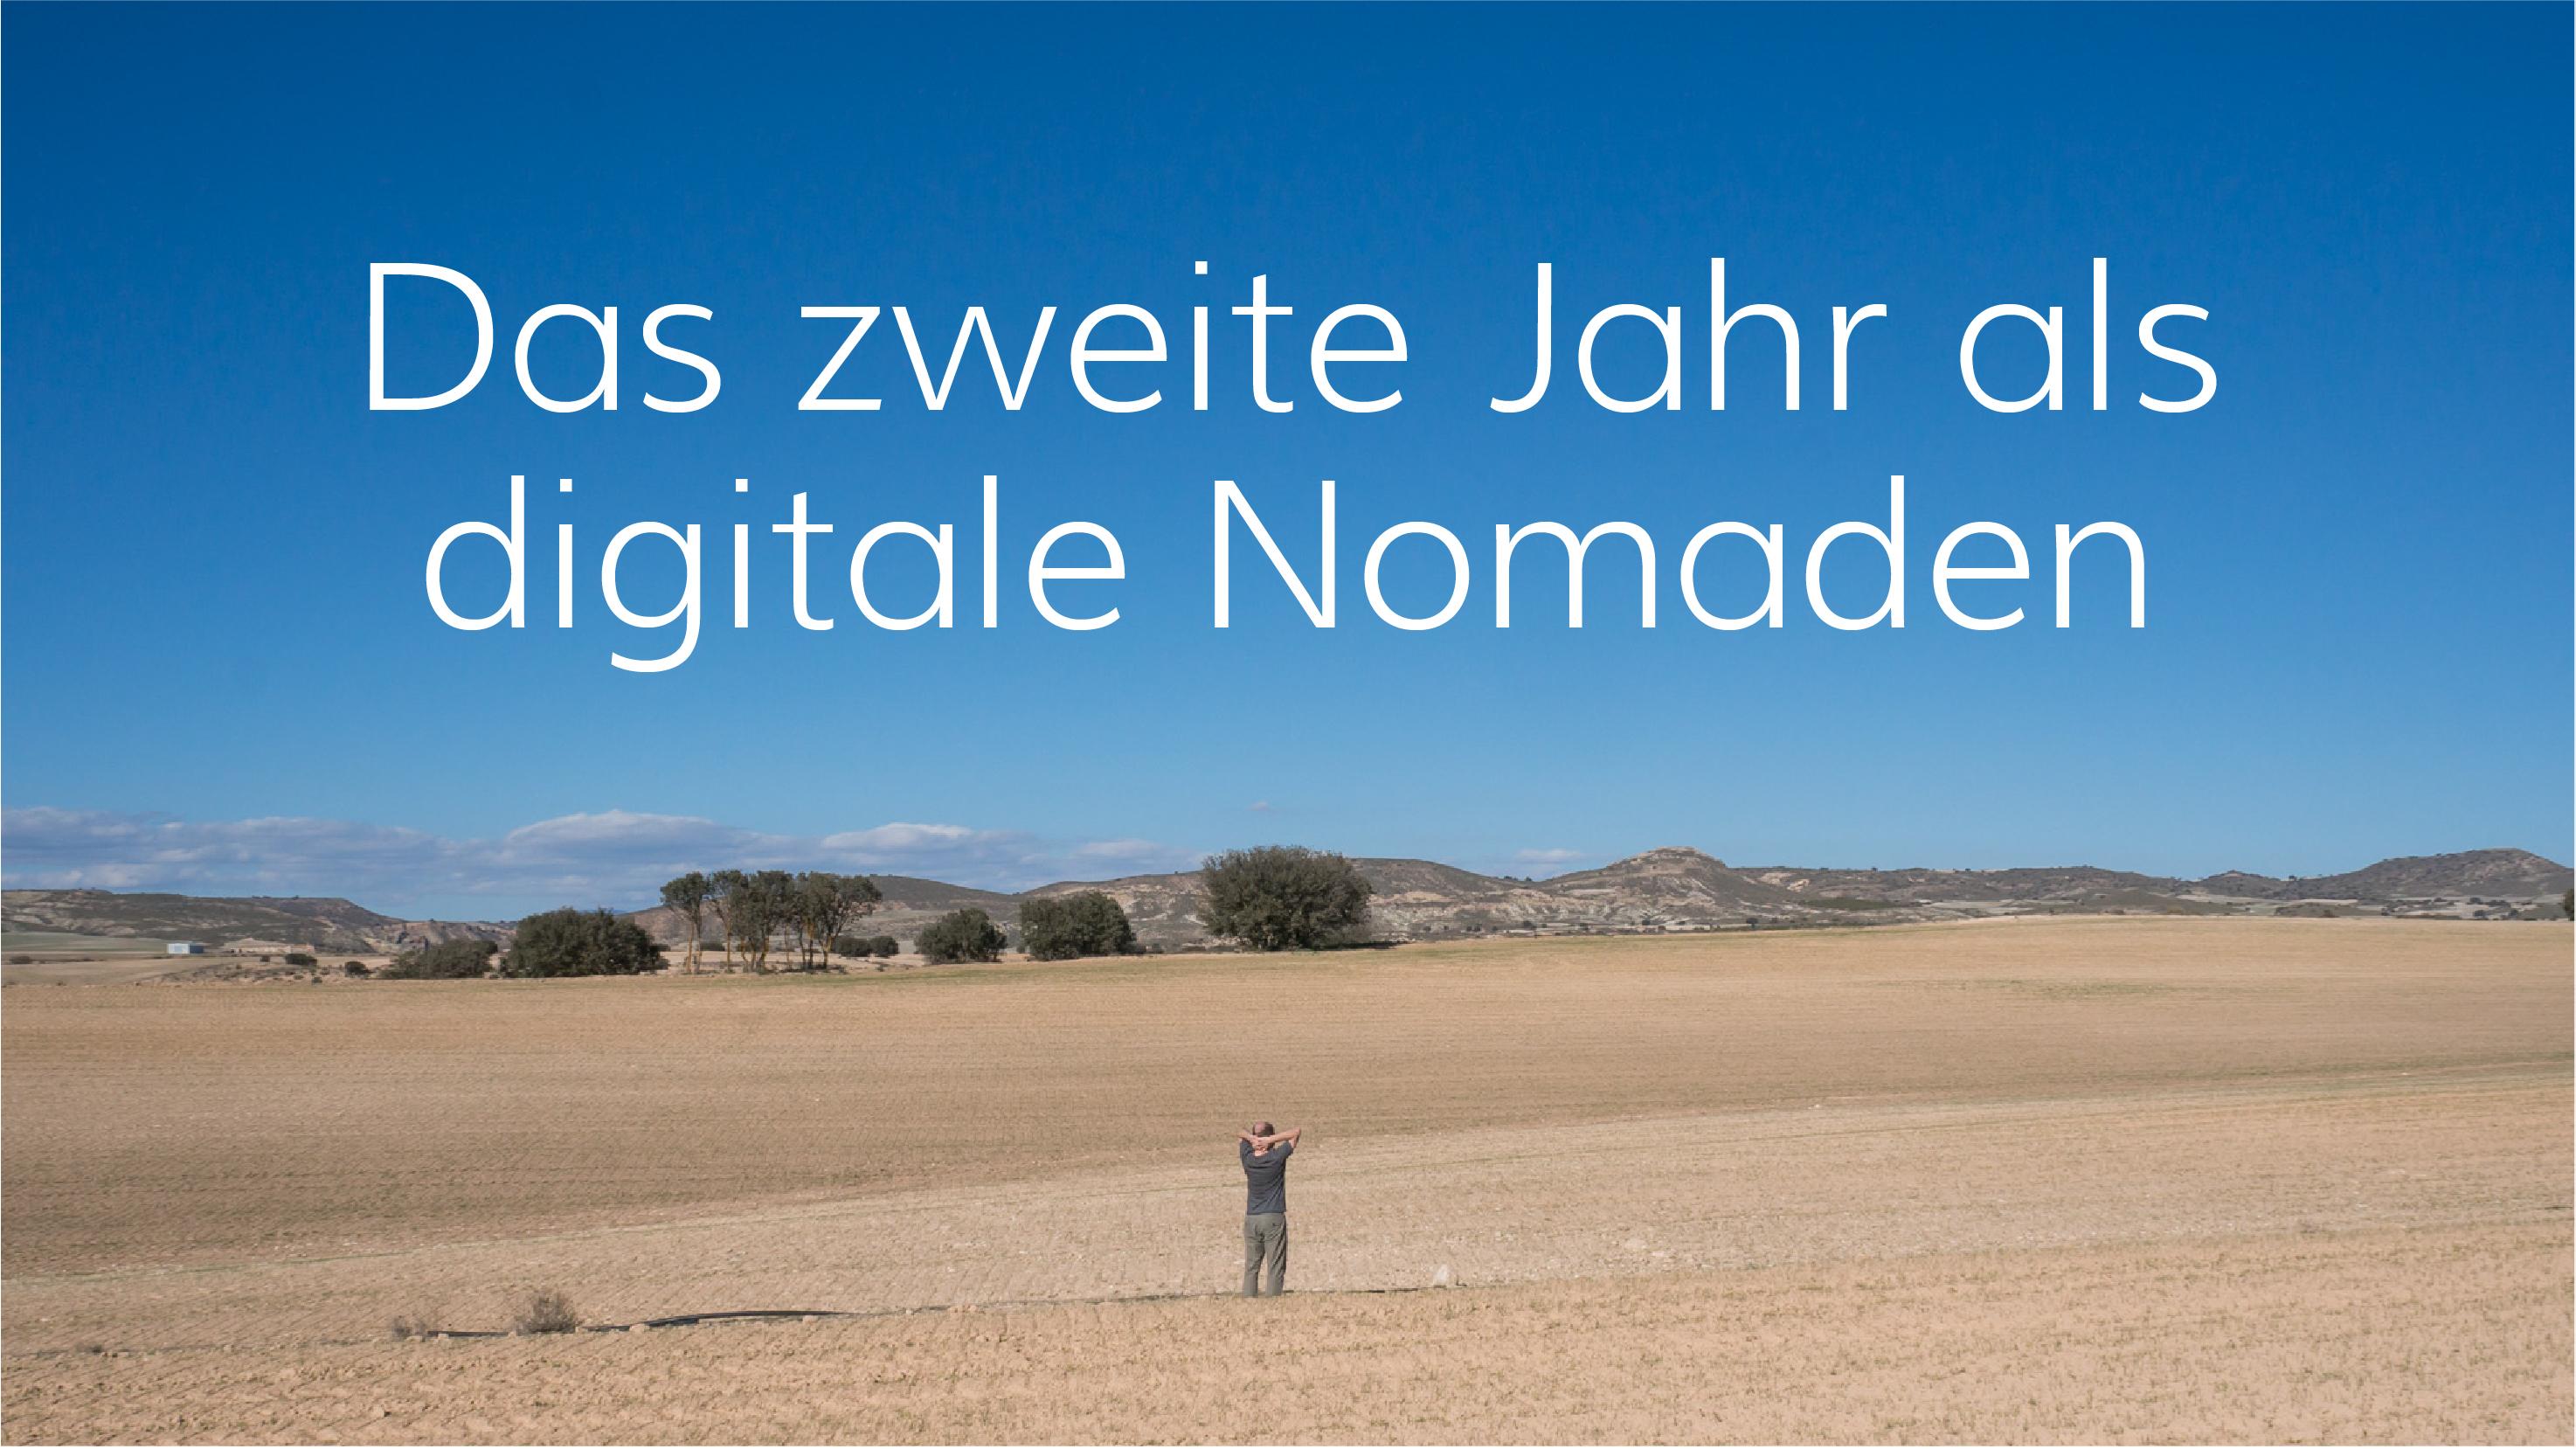 Unser zweites Jahr als digitale Nomaden